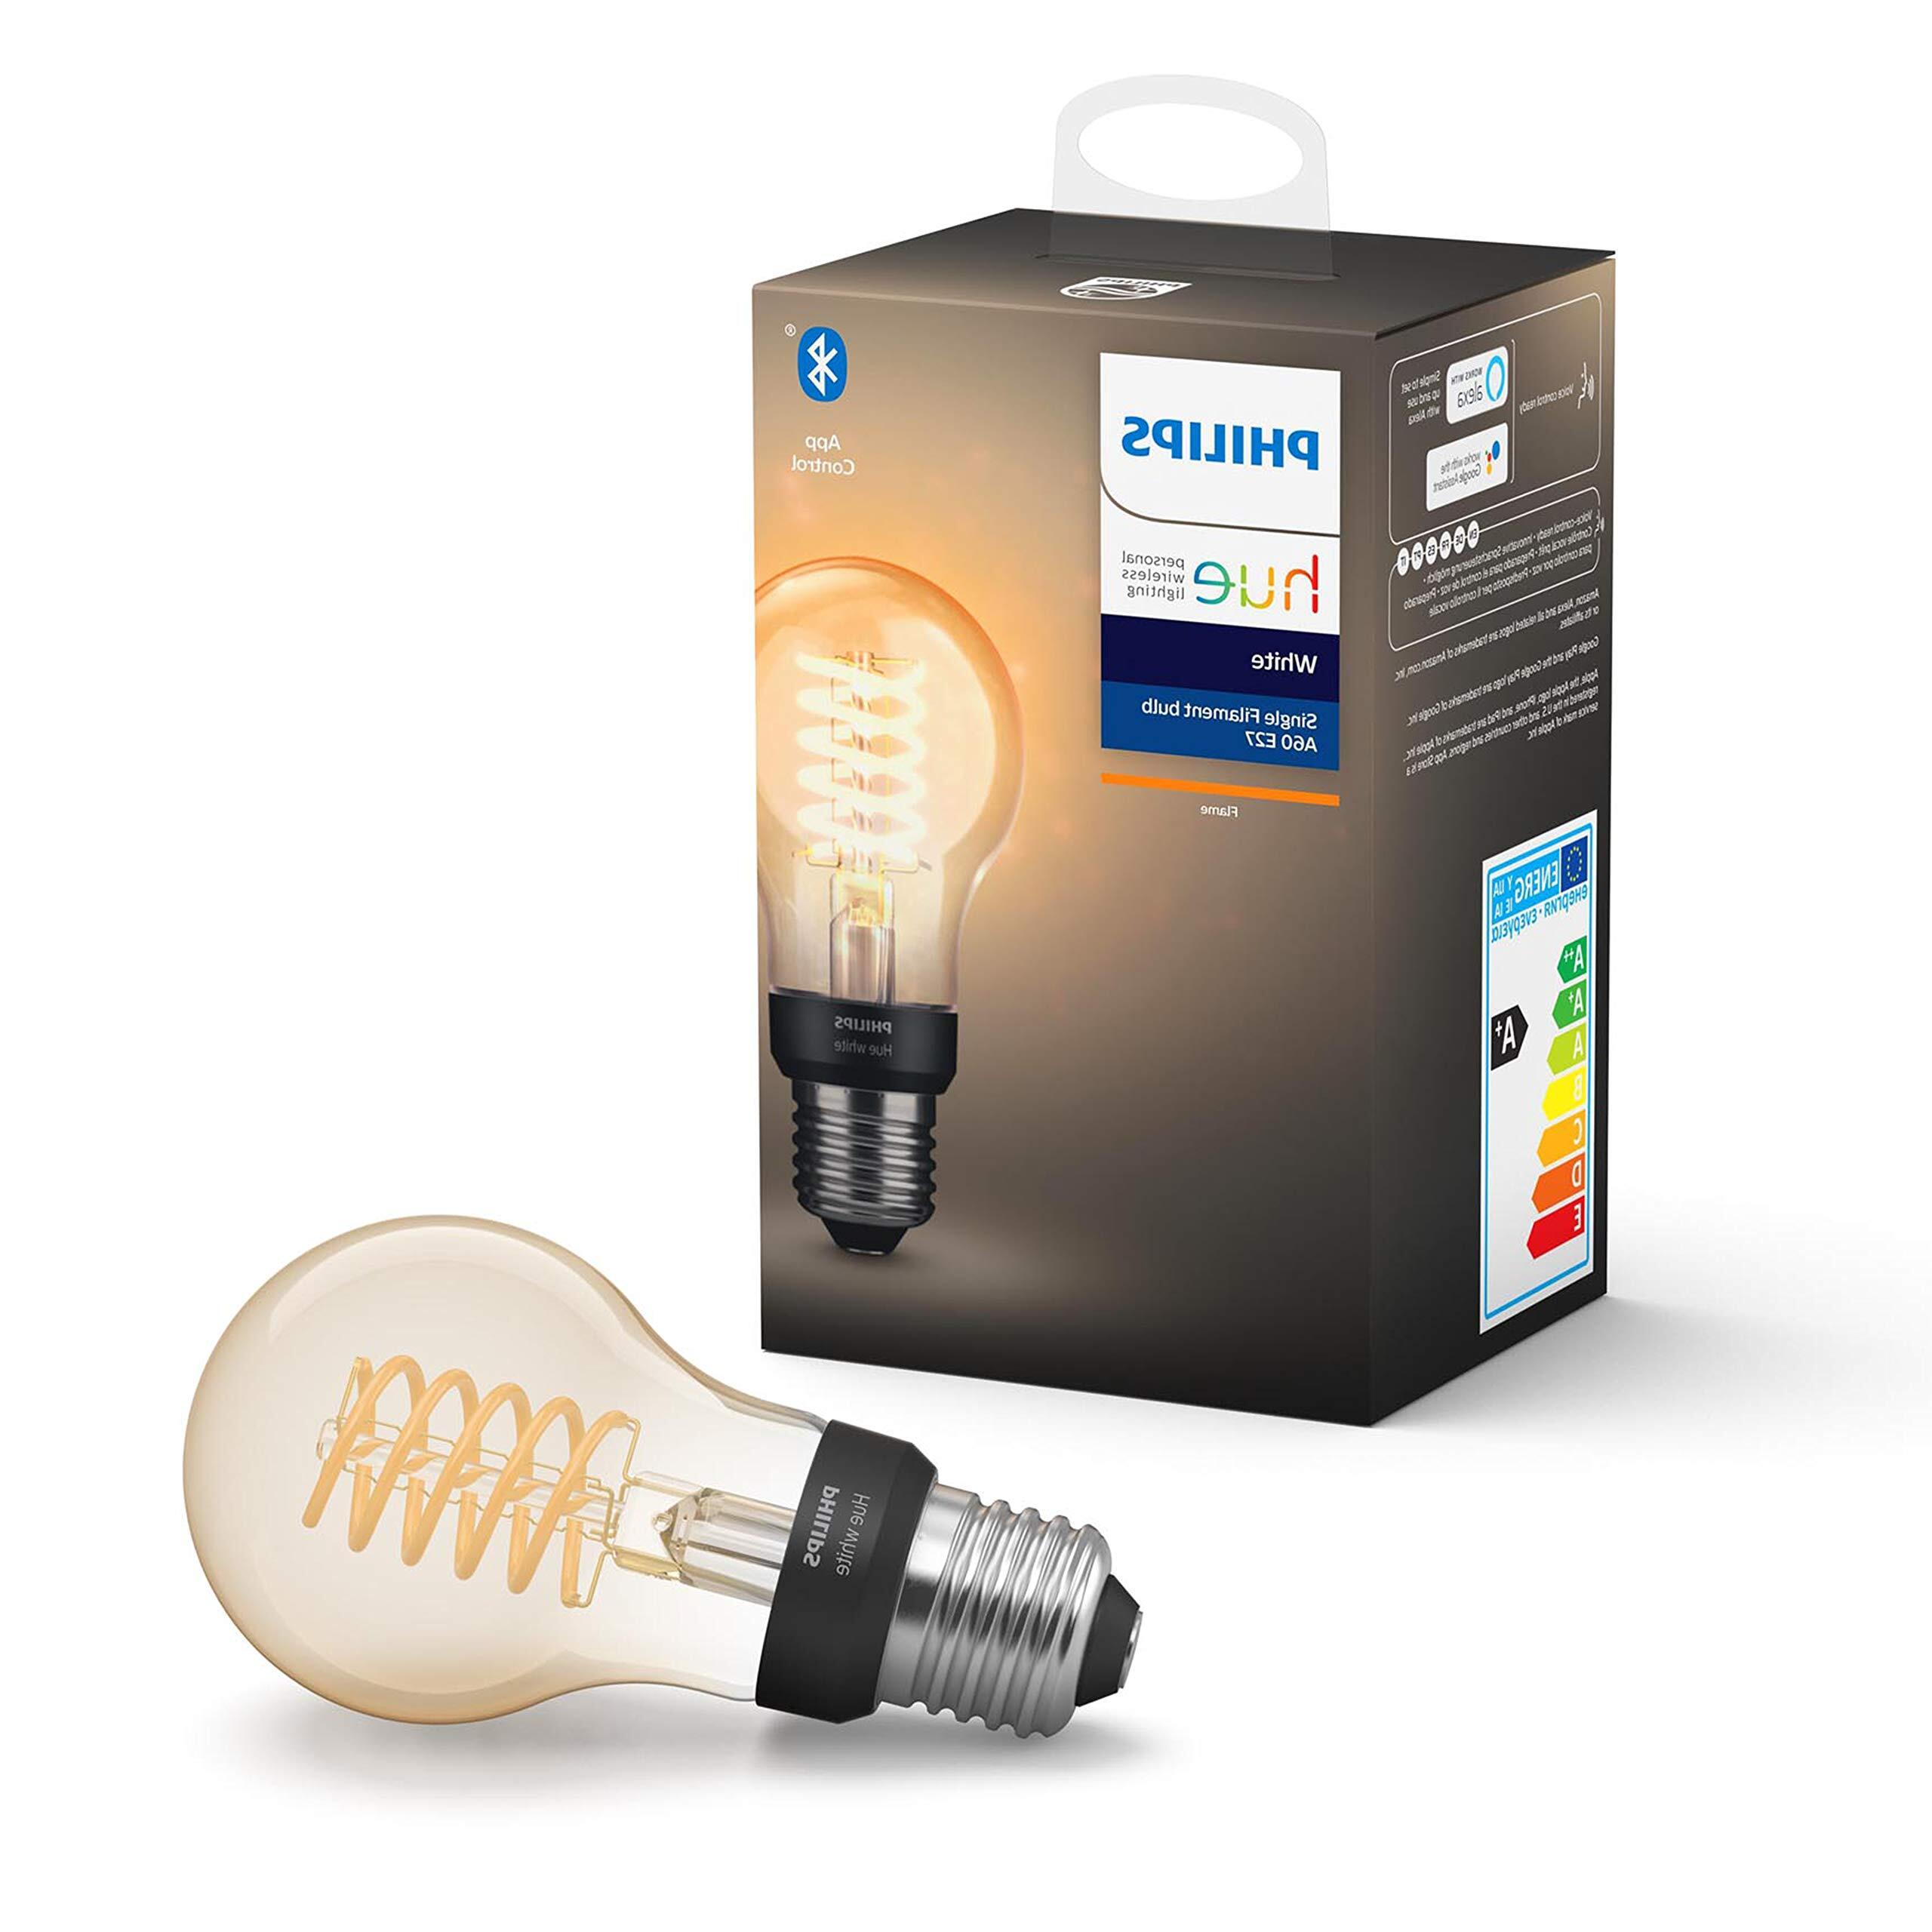 Où trouver des ampoules Philips Hue ?